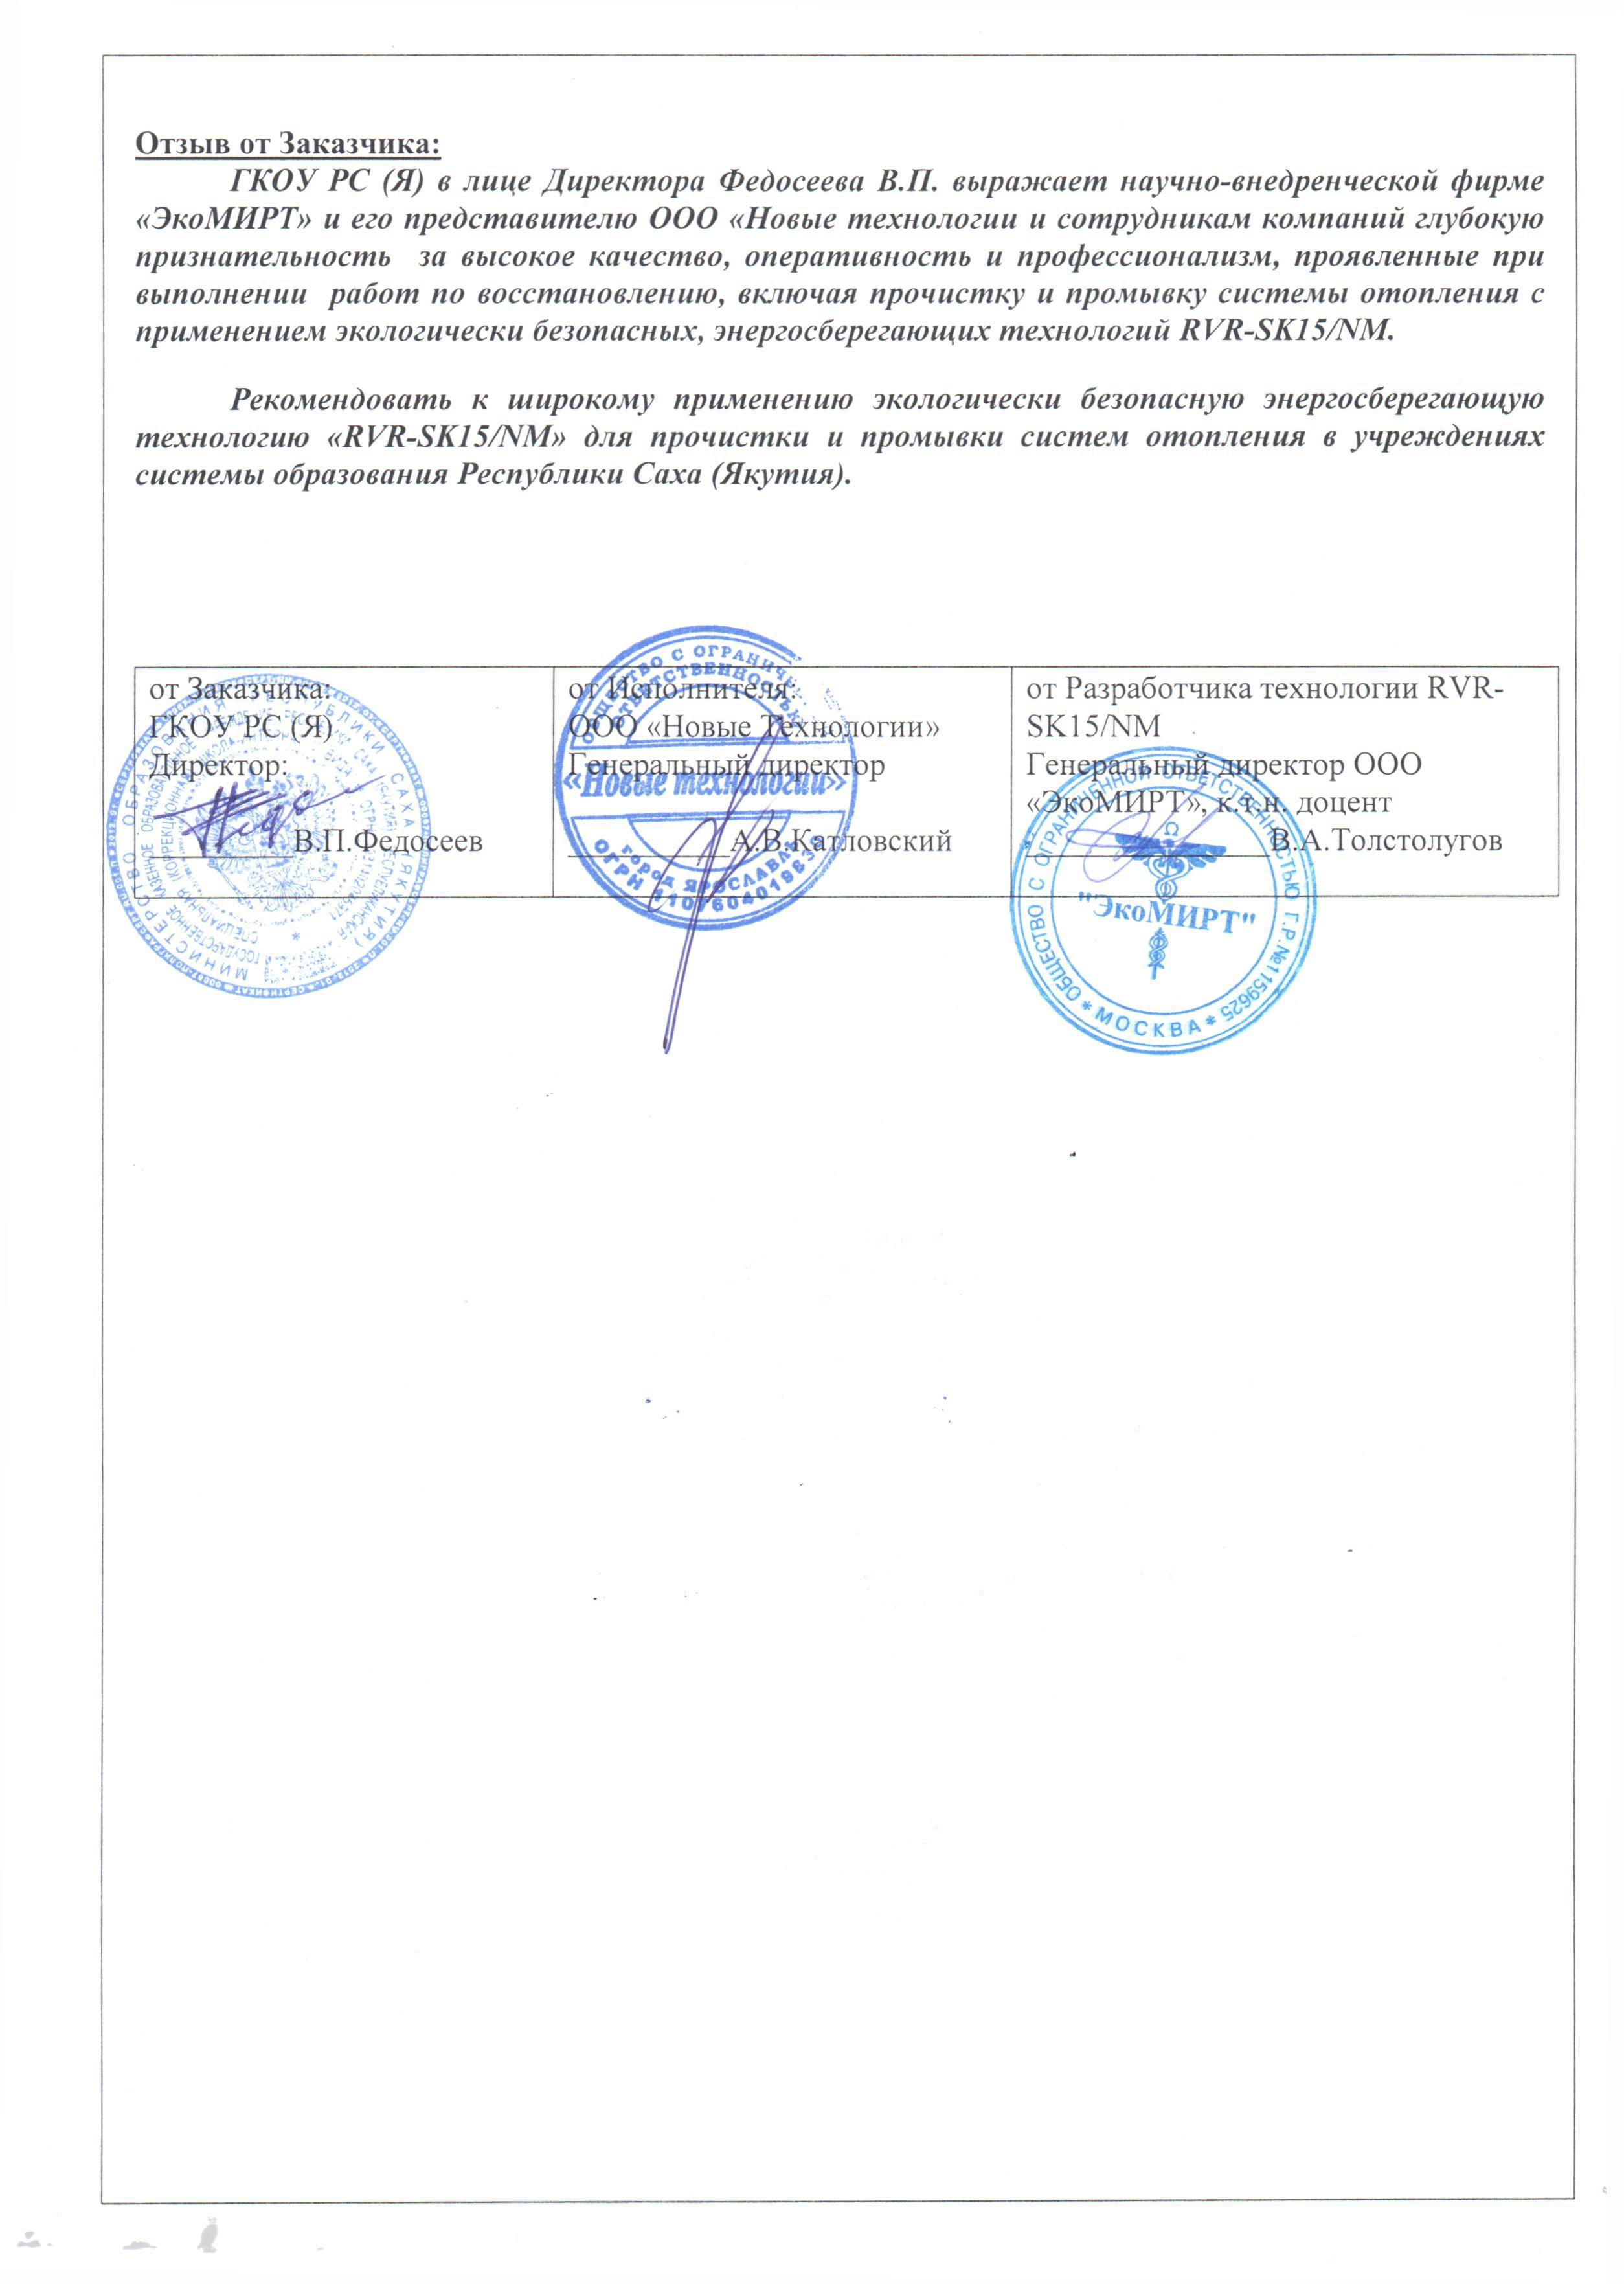 Росжилкоммунсертификация по ярославской области сертификация нефтяного оборудования в соответствии с ico